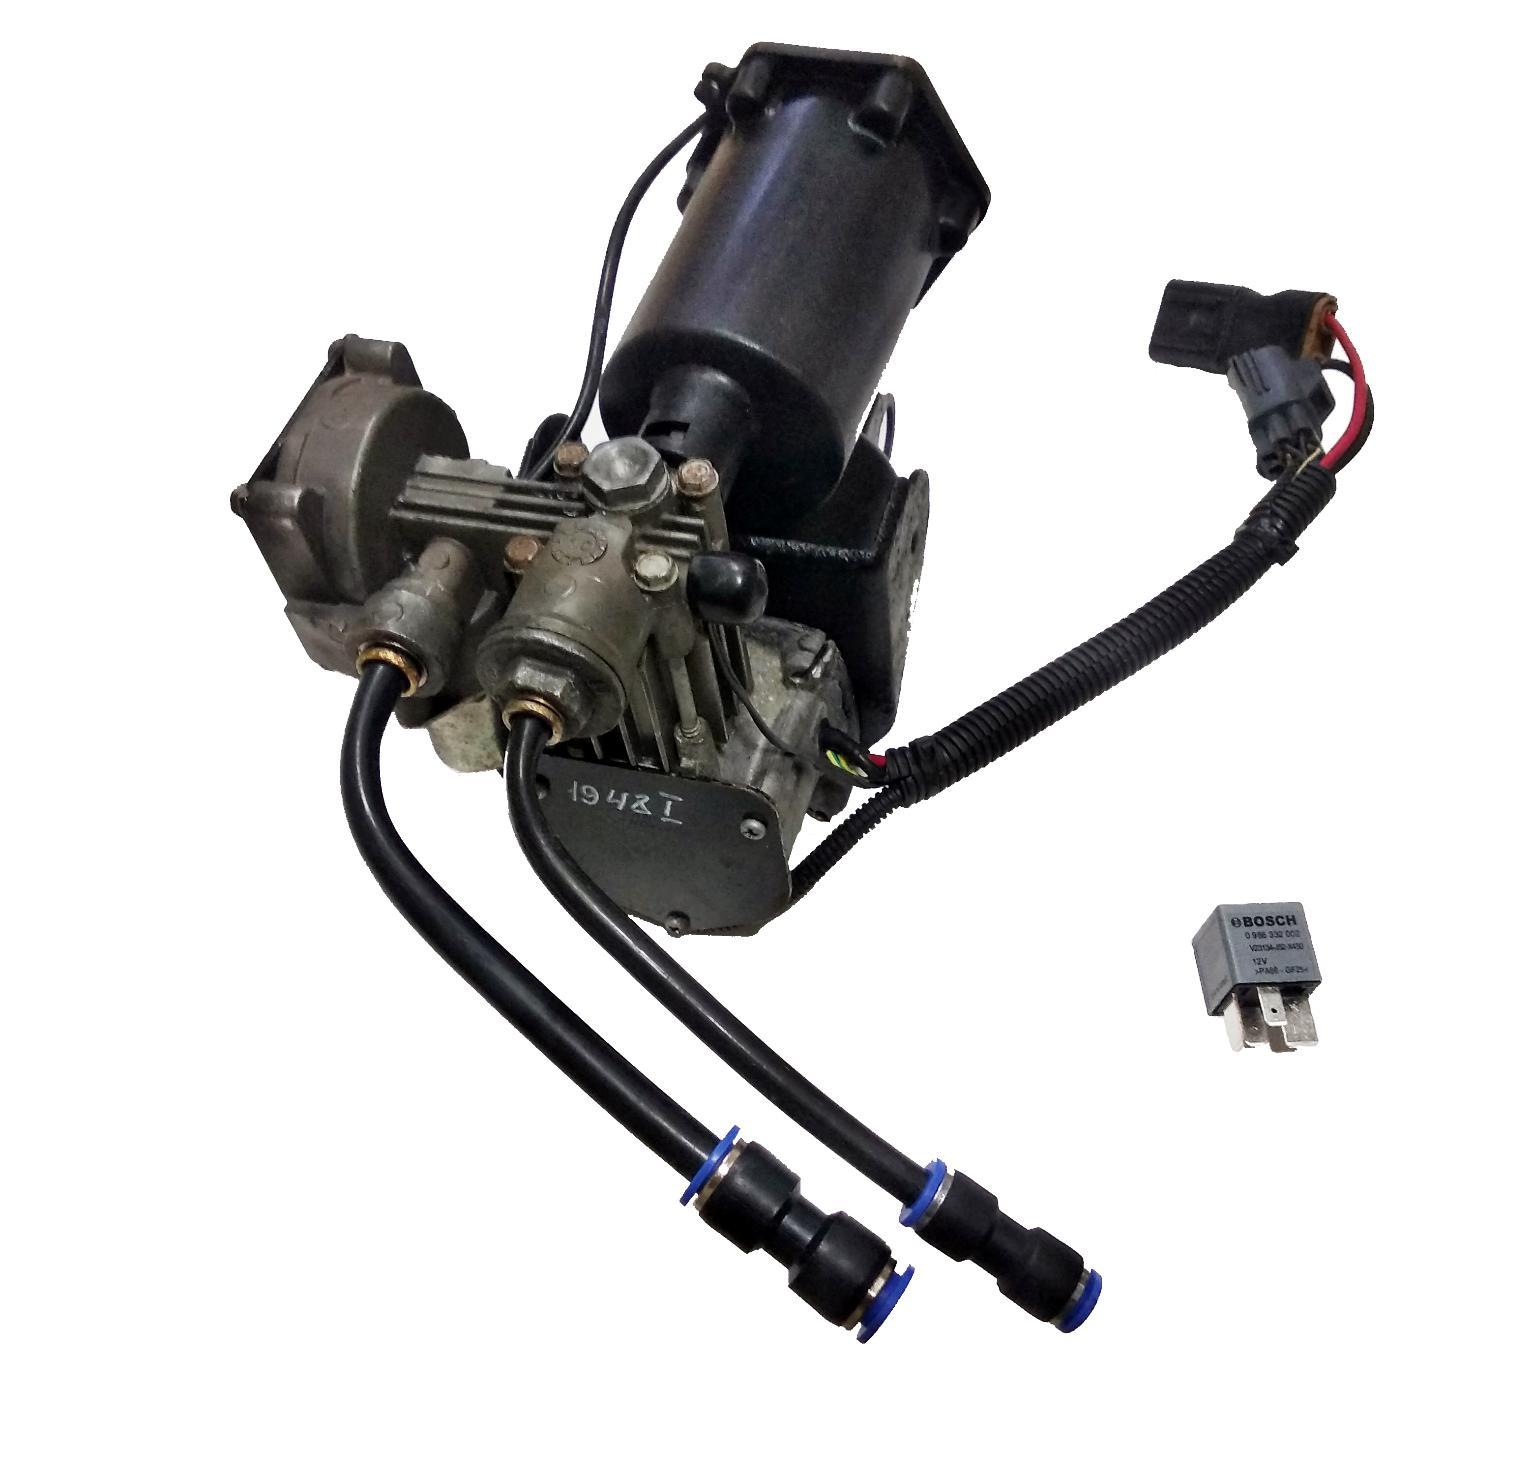 картинка Оригинальный восстановленный компрессор пневмоподвески Hitachi (LR061663, LR023964) для LAND ROVER Discovery 3 и 4 L319 / Range Rover Sport L320 от магазина пневмоподвески ПневмоМаркет